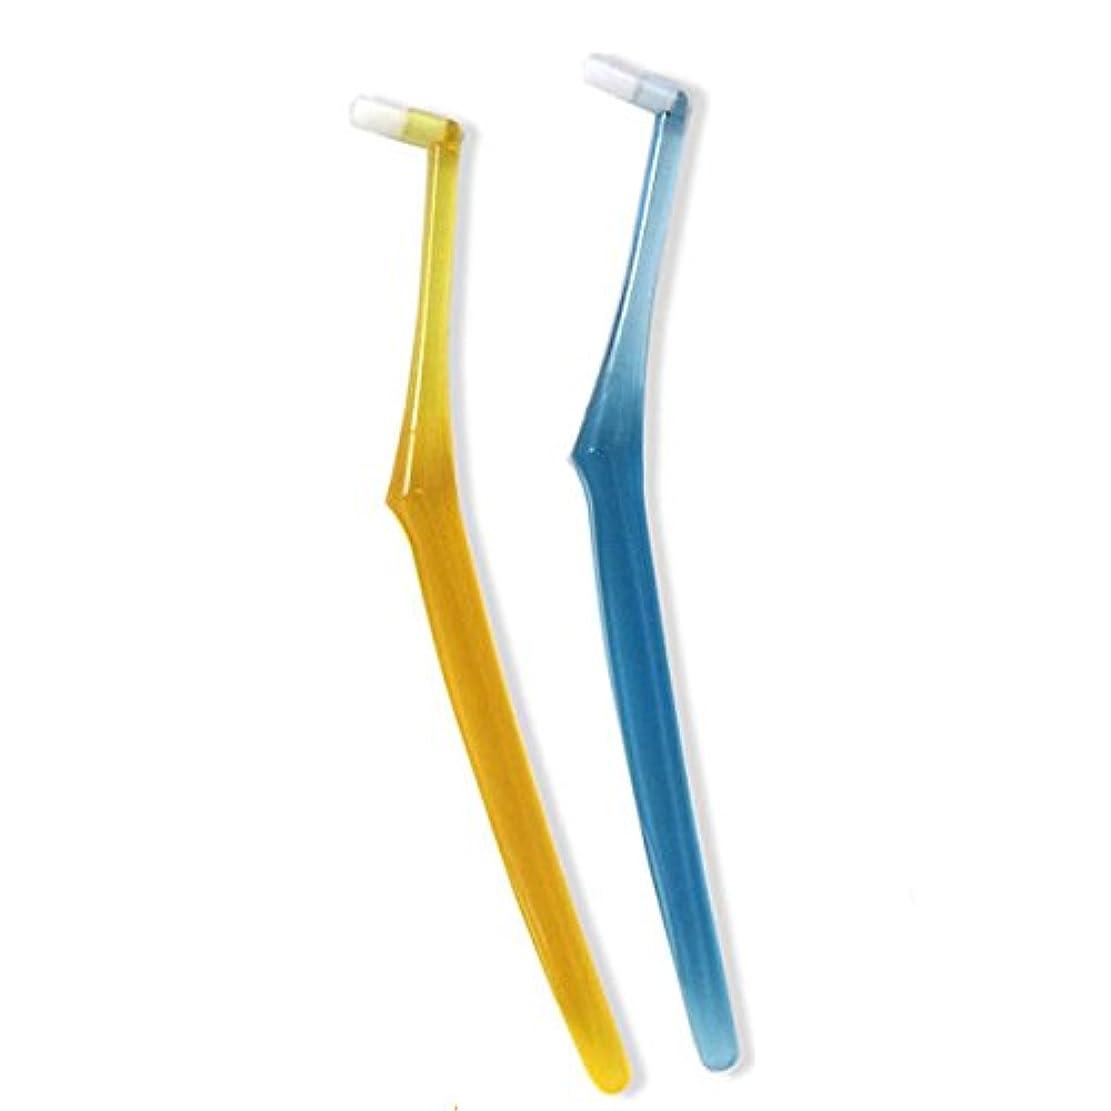 世代時折アジャ【ワンタフト】 オーラルケア インプロ インプラント専用 歯ブラシ 24本セット (US(ウルトラソフト))